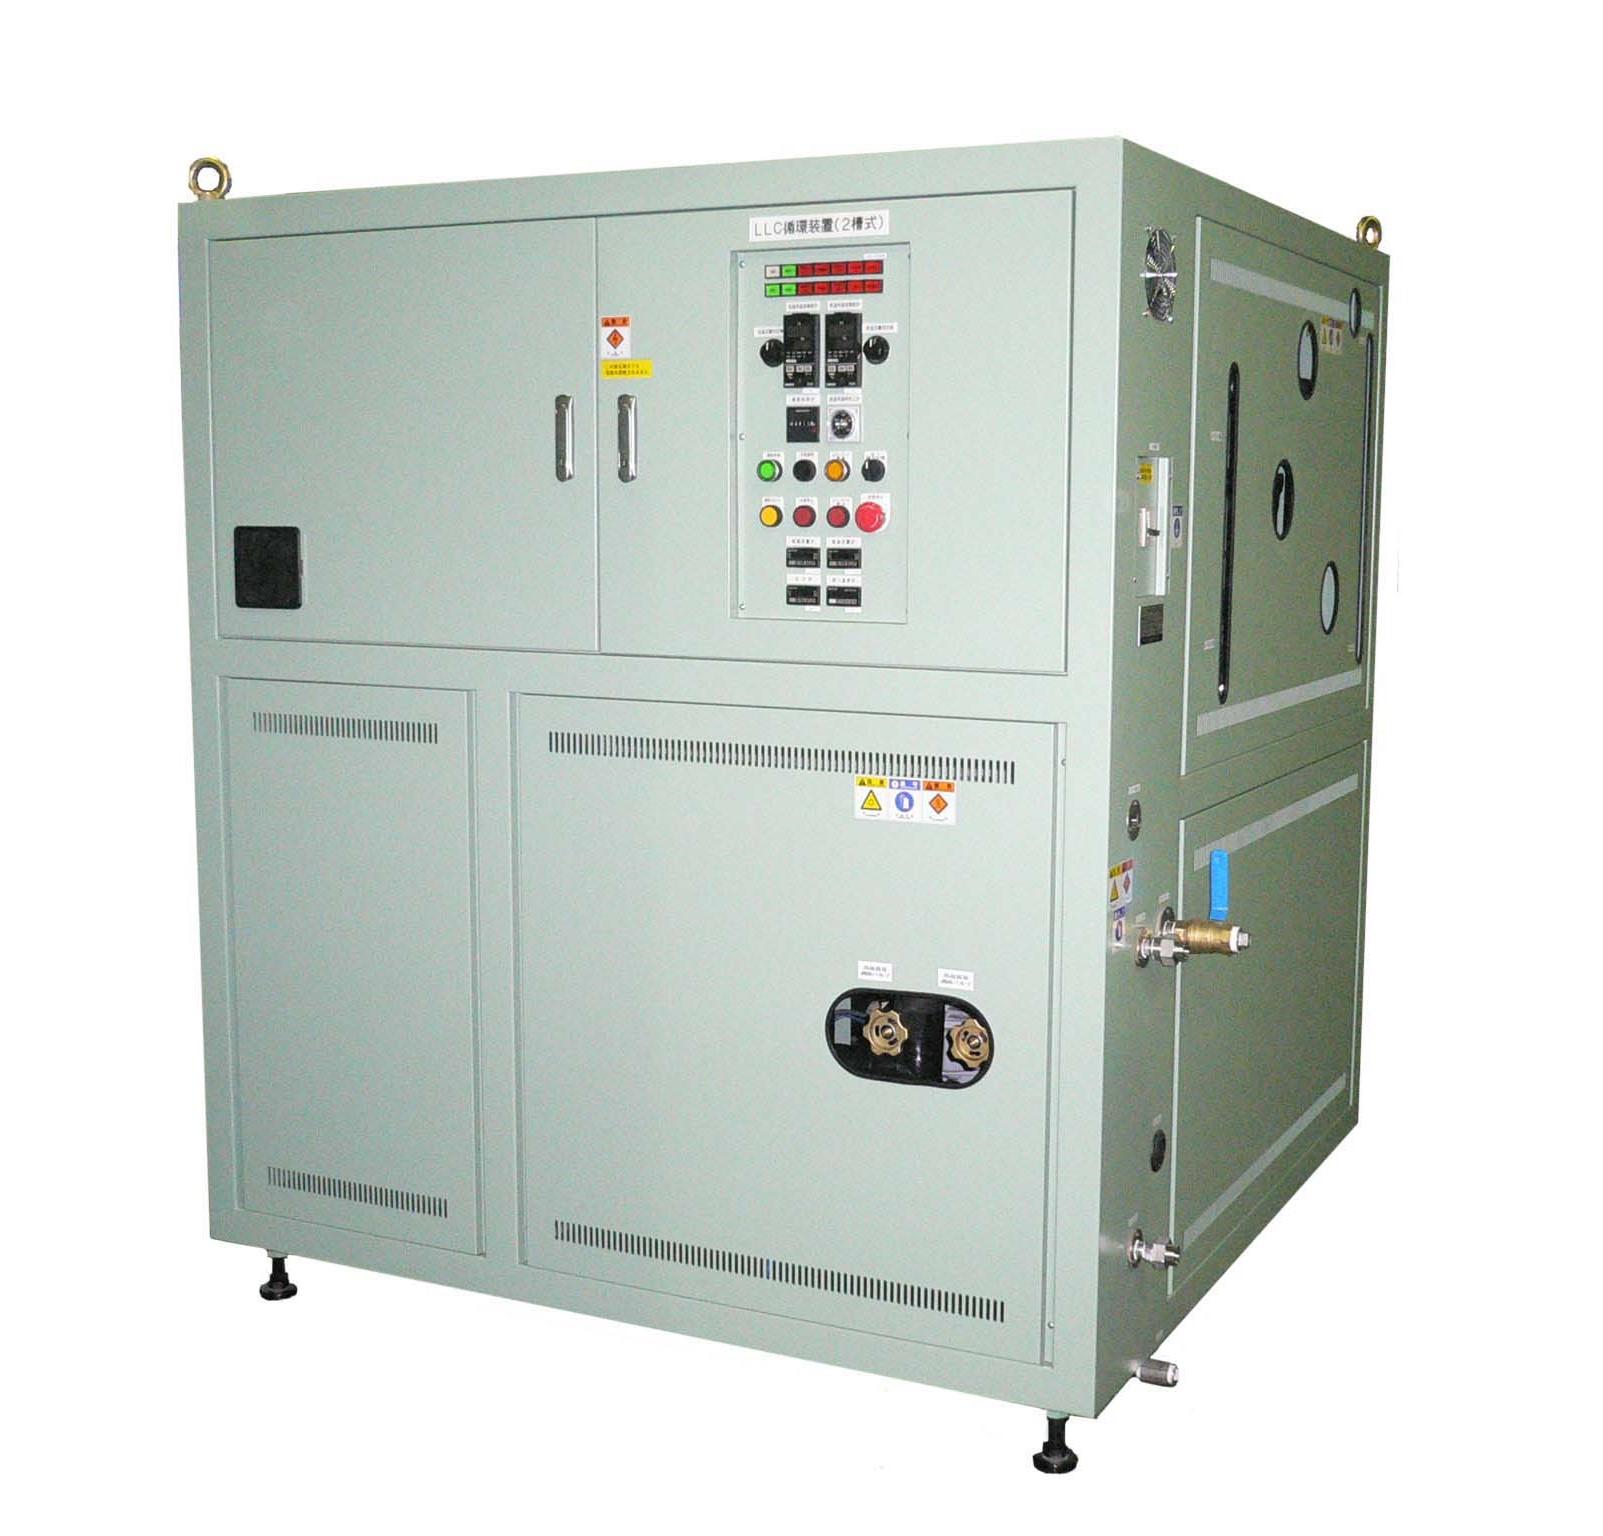 LLC液冷熱循環装置